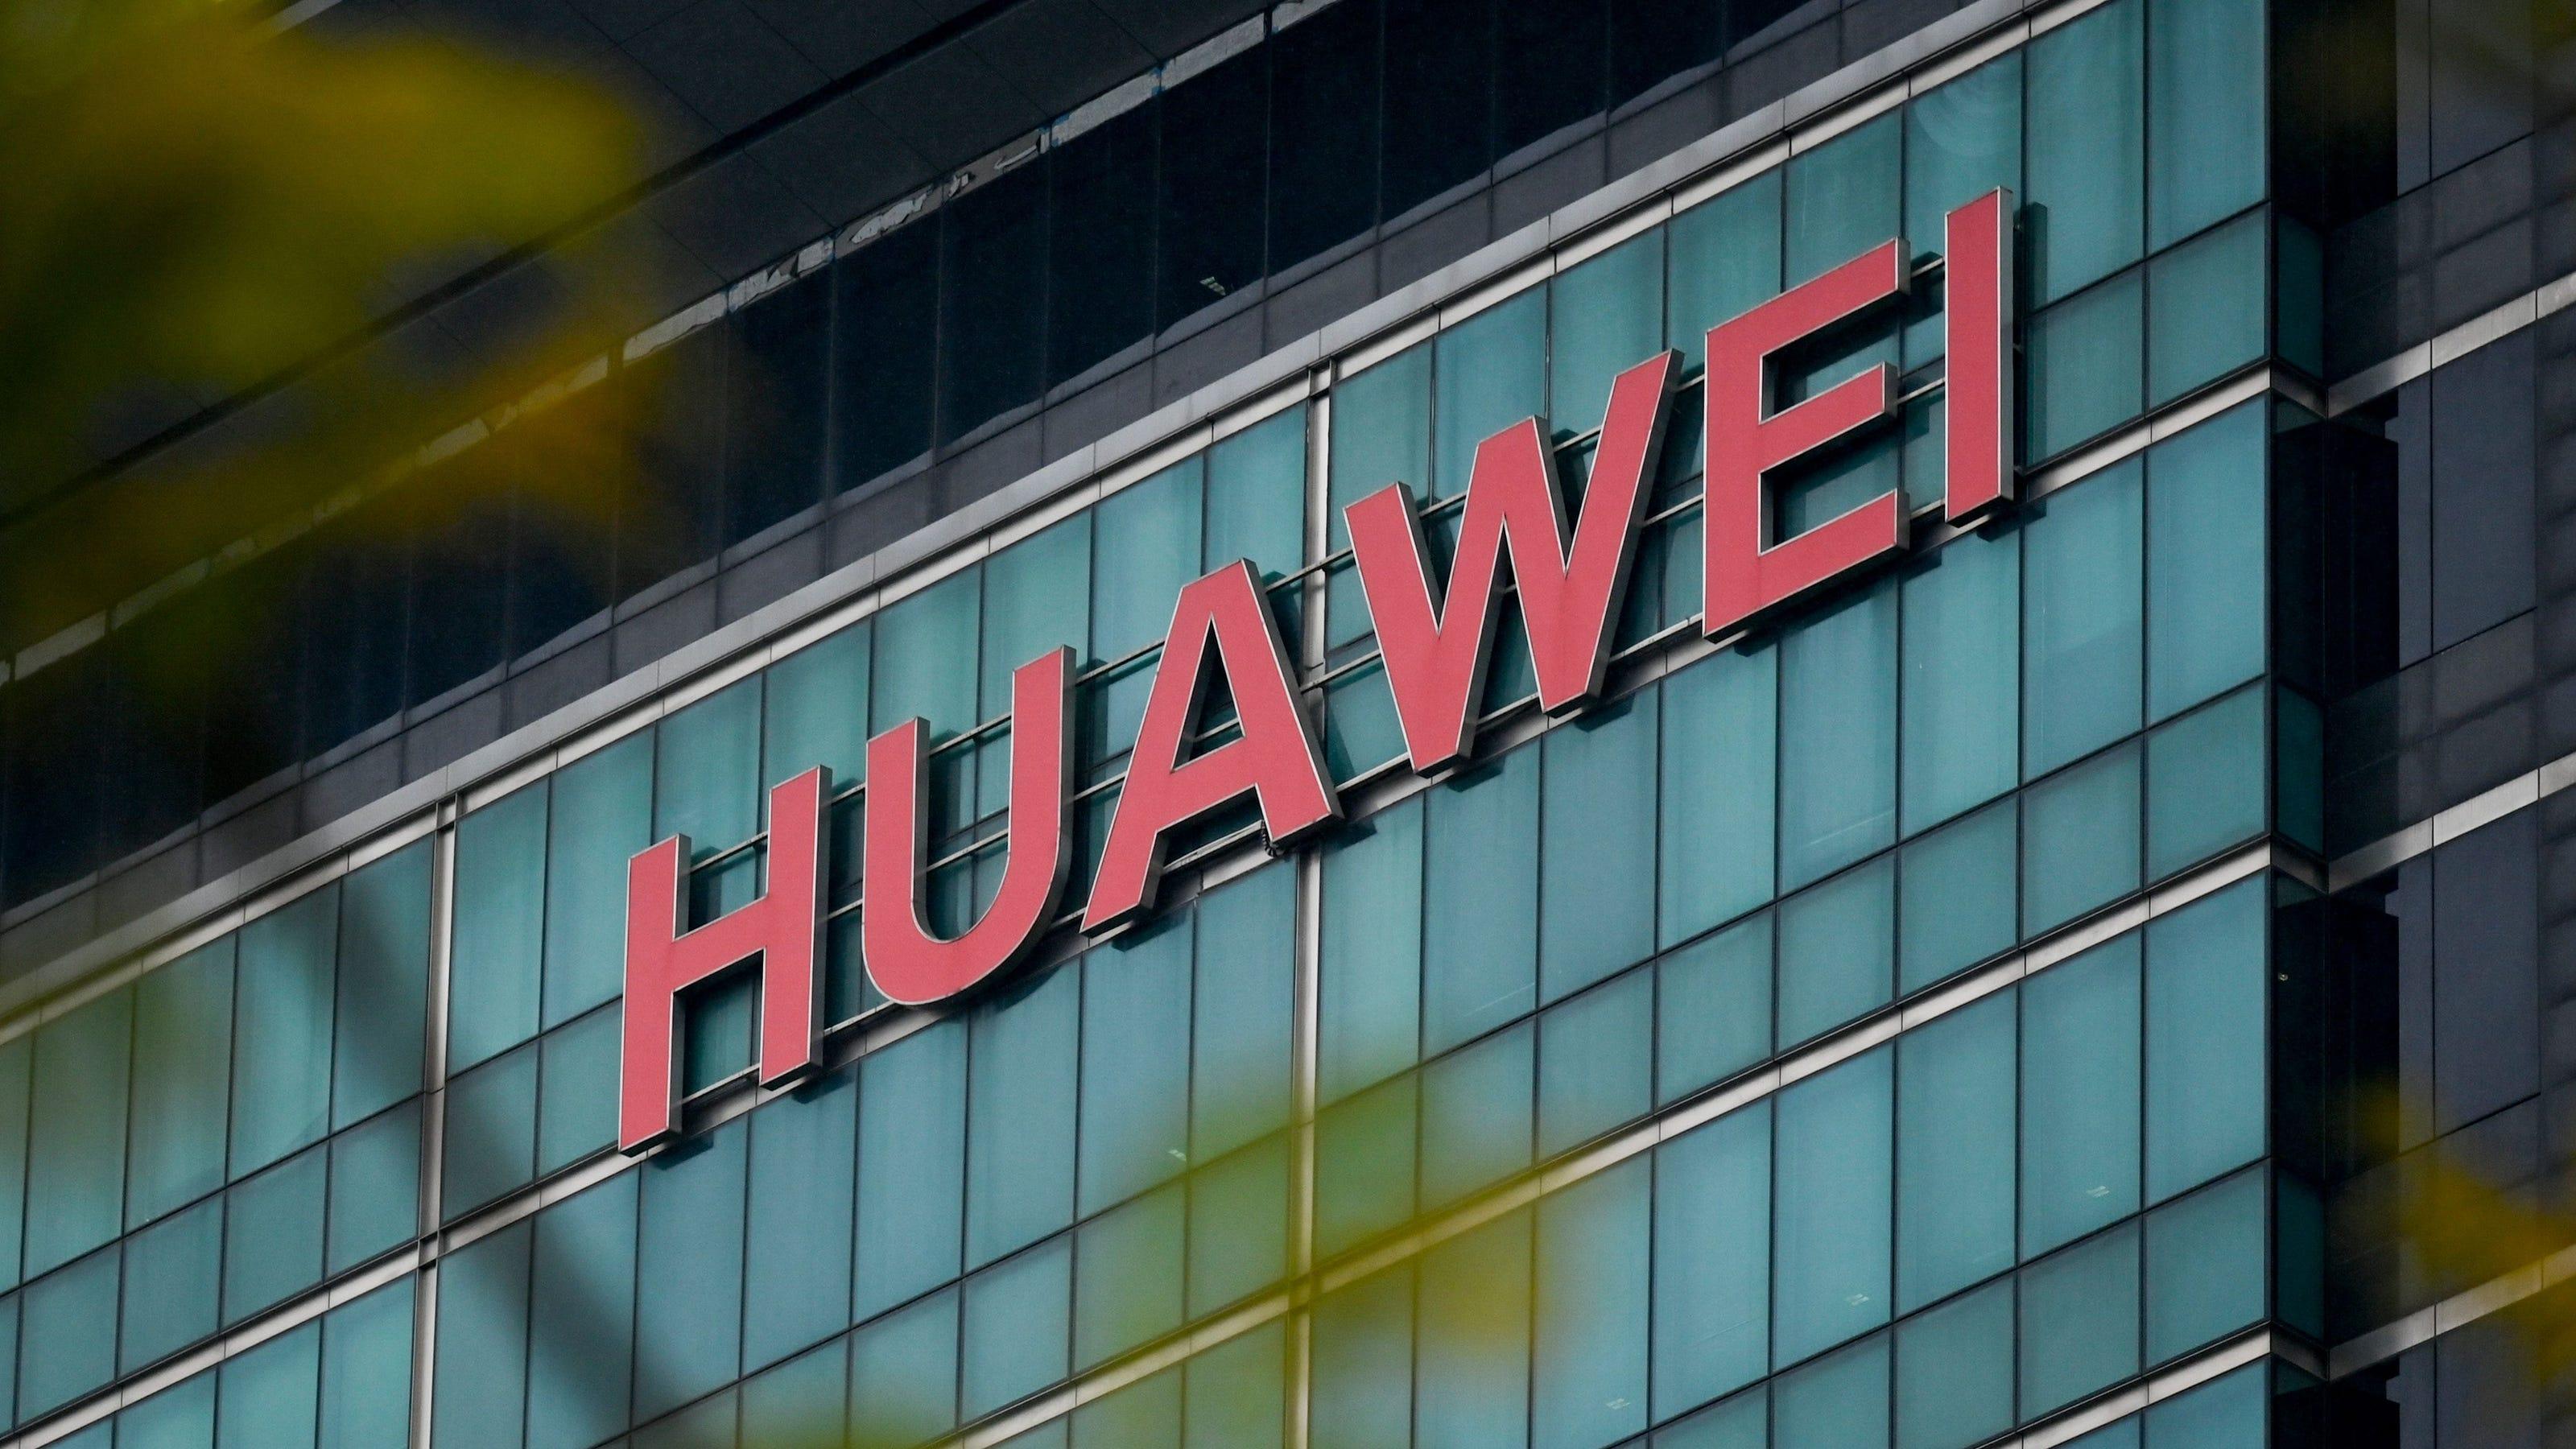 Huawei Why Is It Facing Sanctions And Who Will Get Hurt Most 278 ppi piksel yoğunluğu ile günlük kullanım için ideal bir renk ve görüntü optimizasyonu sağlayan ürün, oyun ve multimedya deneyimlerden üstün verim elde etmenize yardım. huawei why is it facing sanctions and